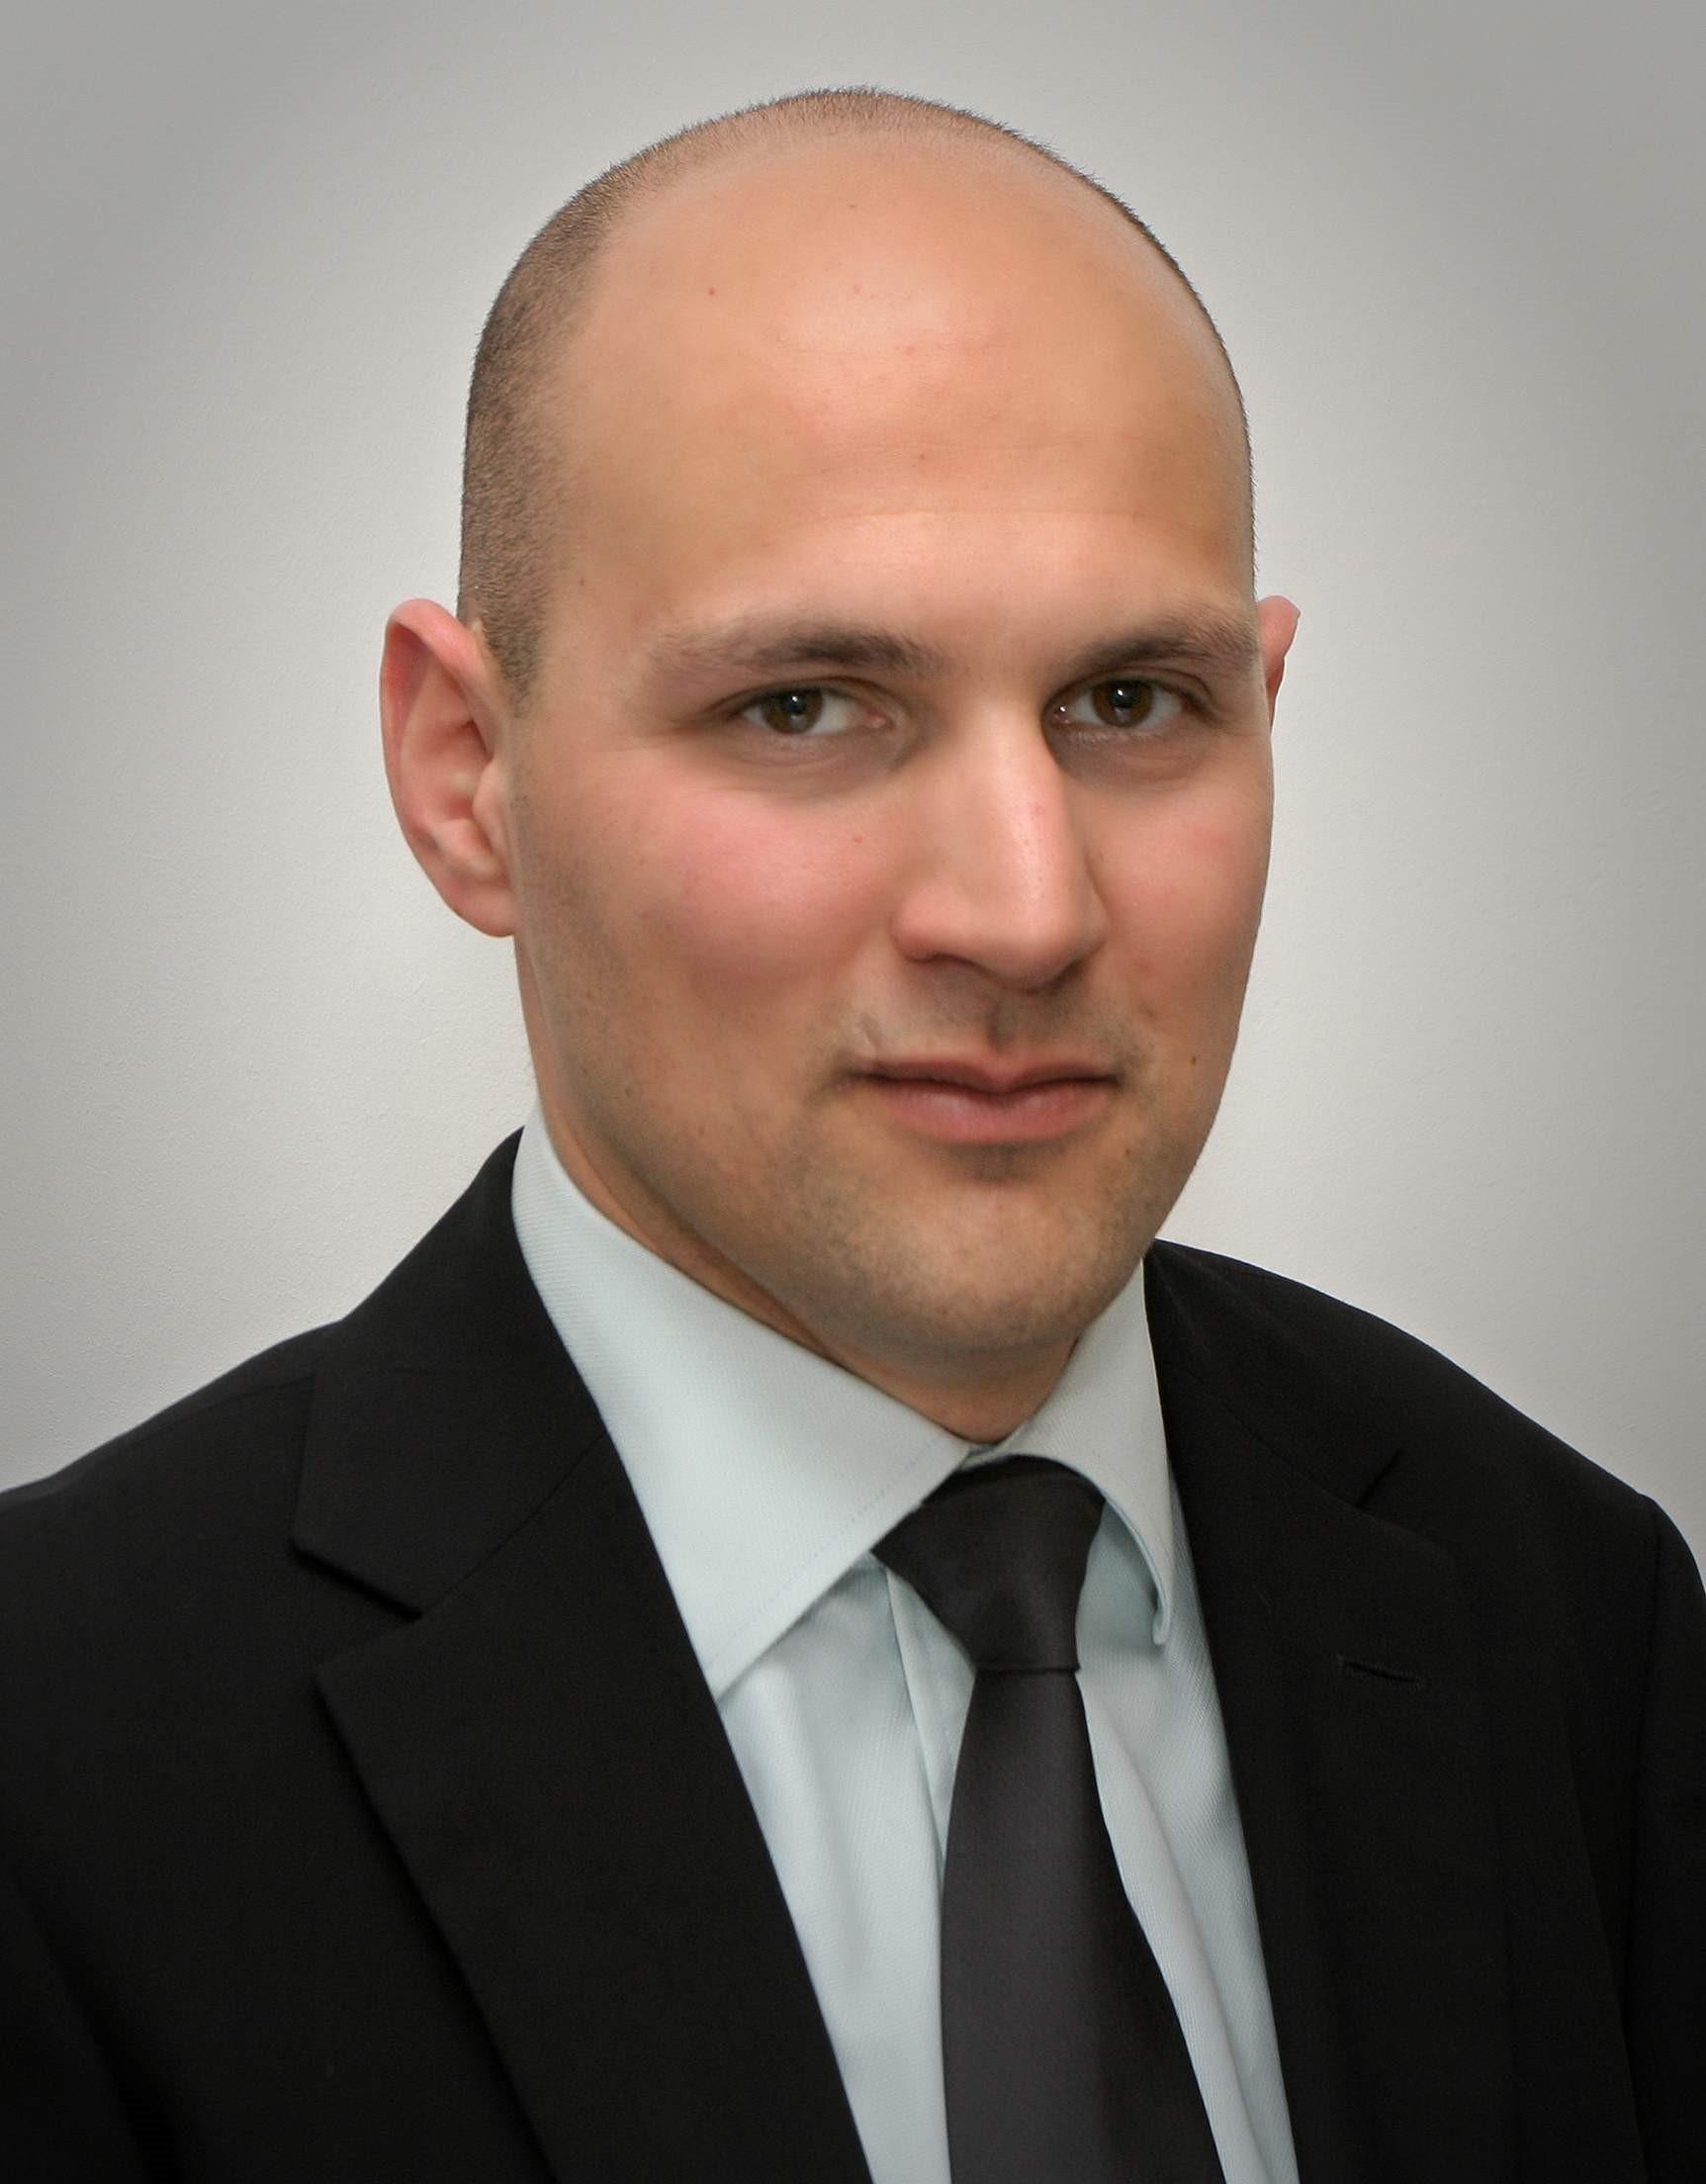 Unterstützt den JNF Green Business Circle mit umfangreichem Know-how und erstklassigen Kontakten: Prof. Dr. Guy Katz